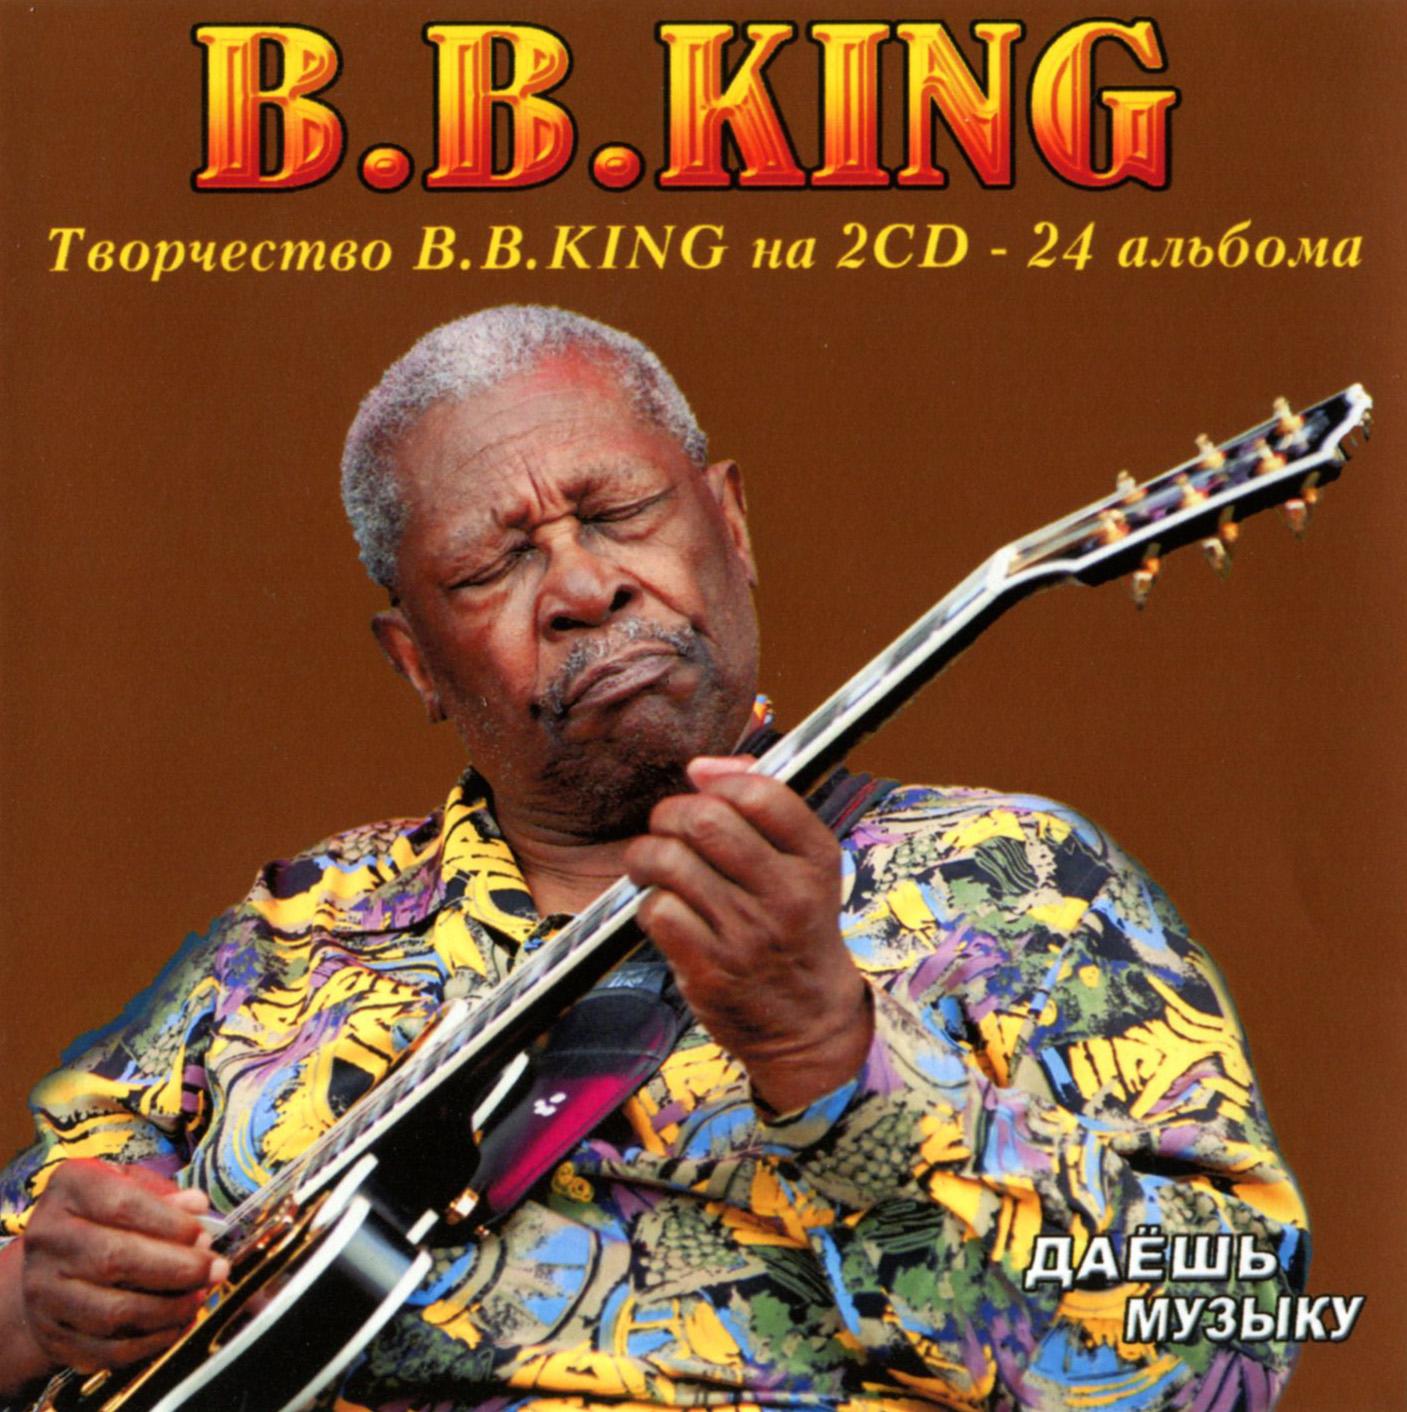 B.B.King 2cd [mp3]